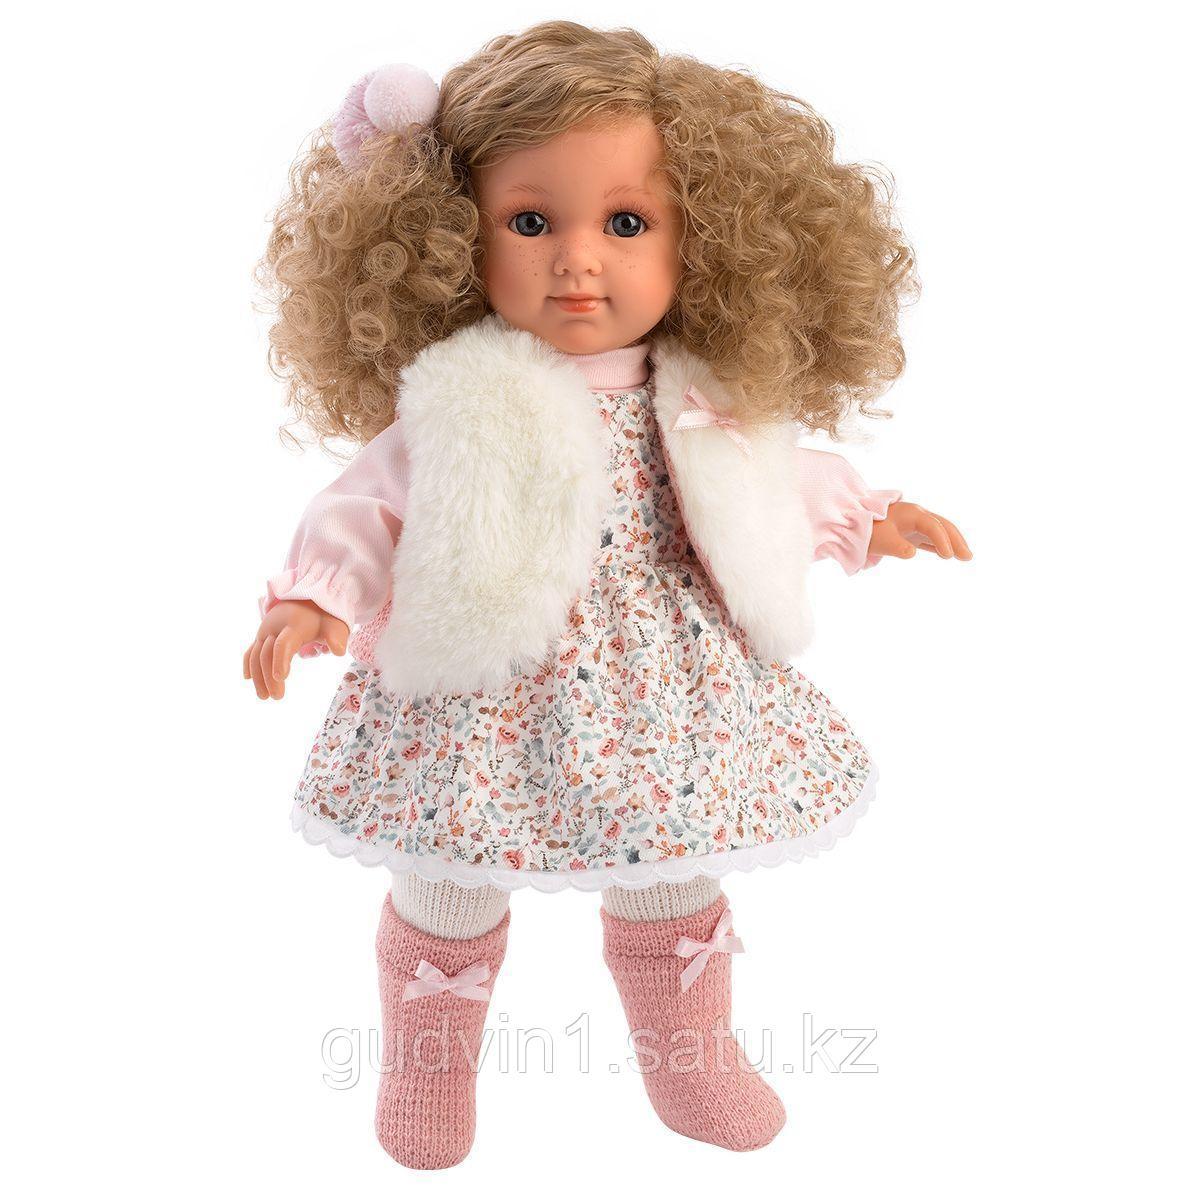 LLORENS: Кукла Елена 35 см., блондинка в меховом жилете 53530